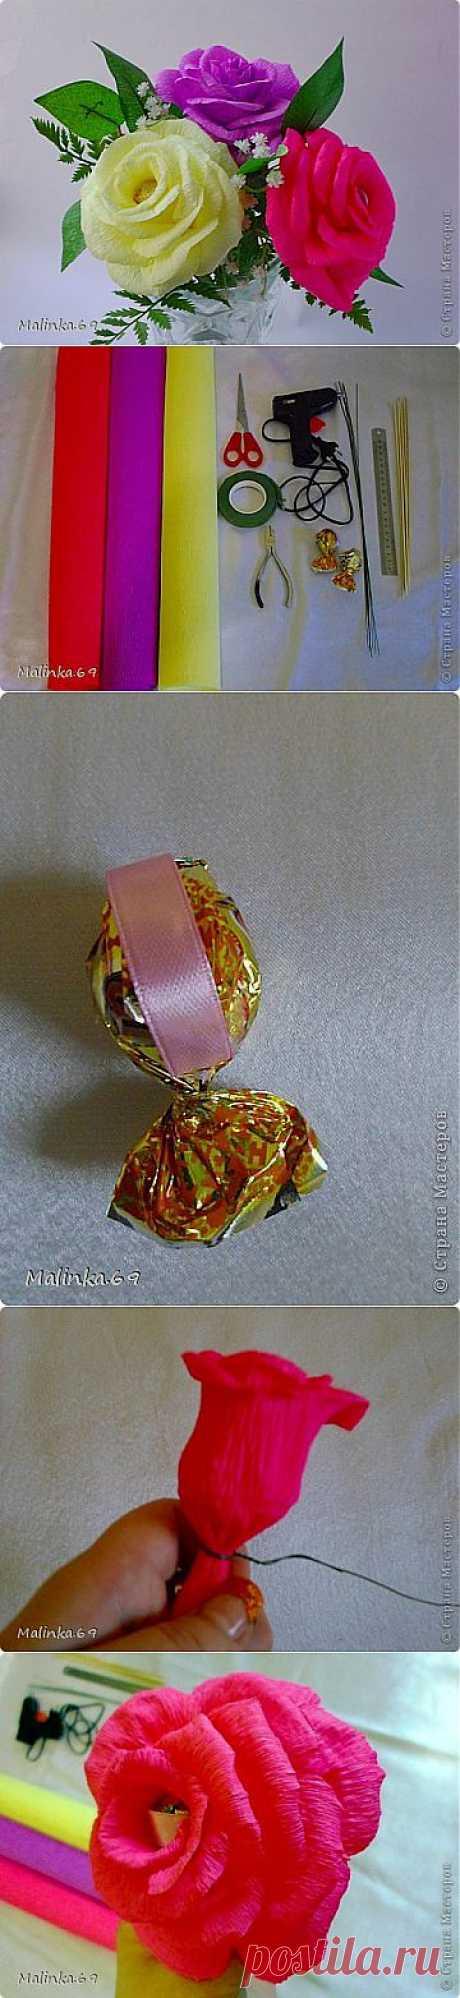 МК.Воздушные розы из конфет.(С изменениями) | Конфетный рай